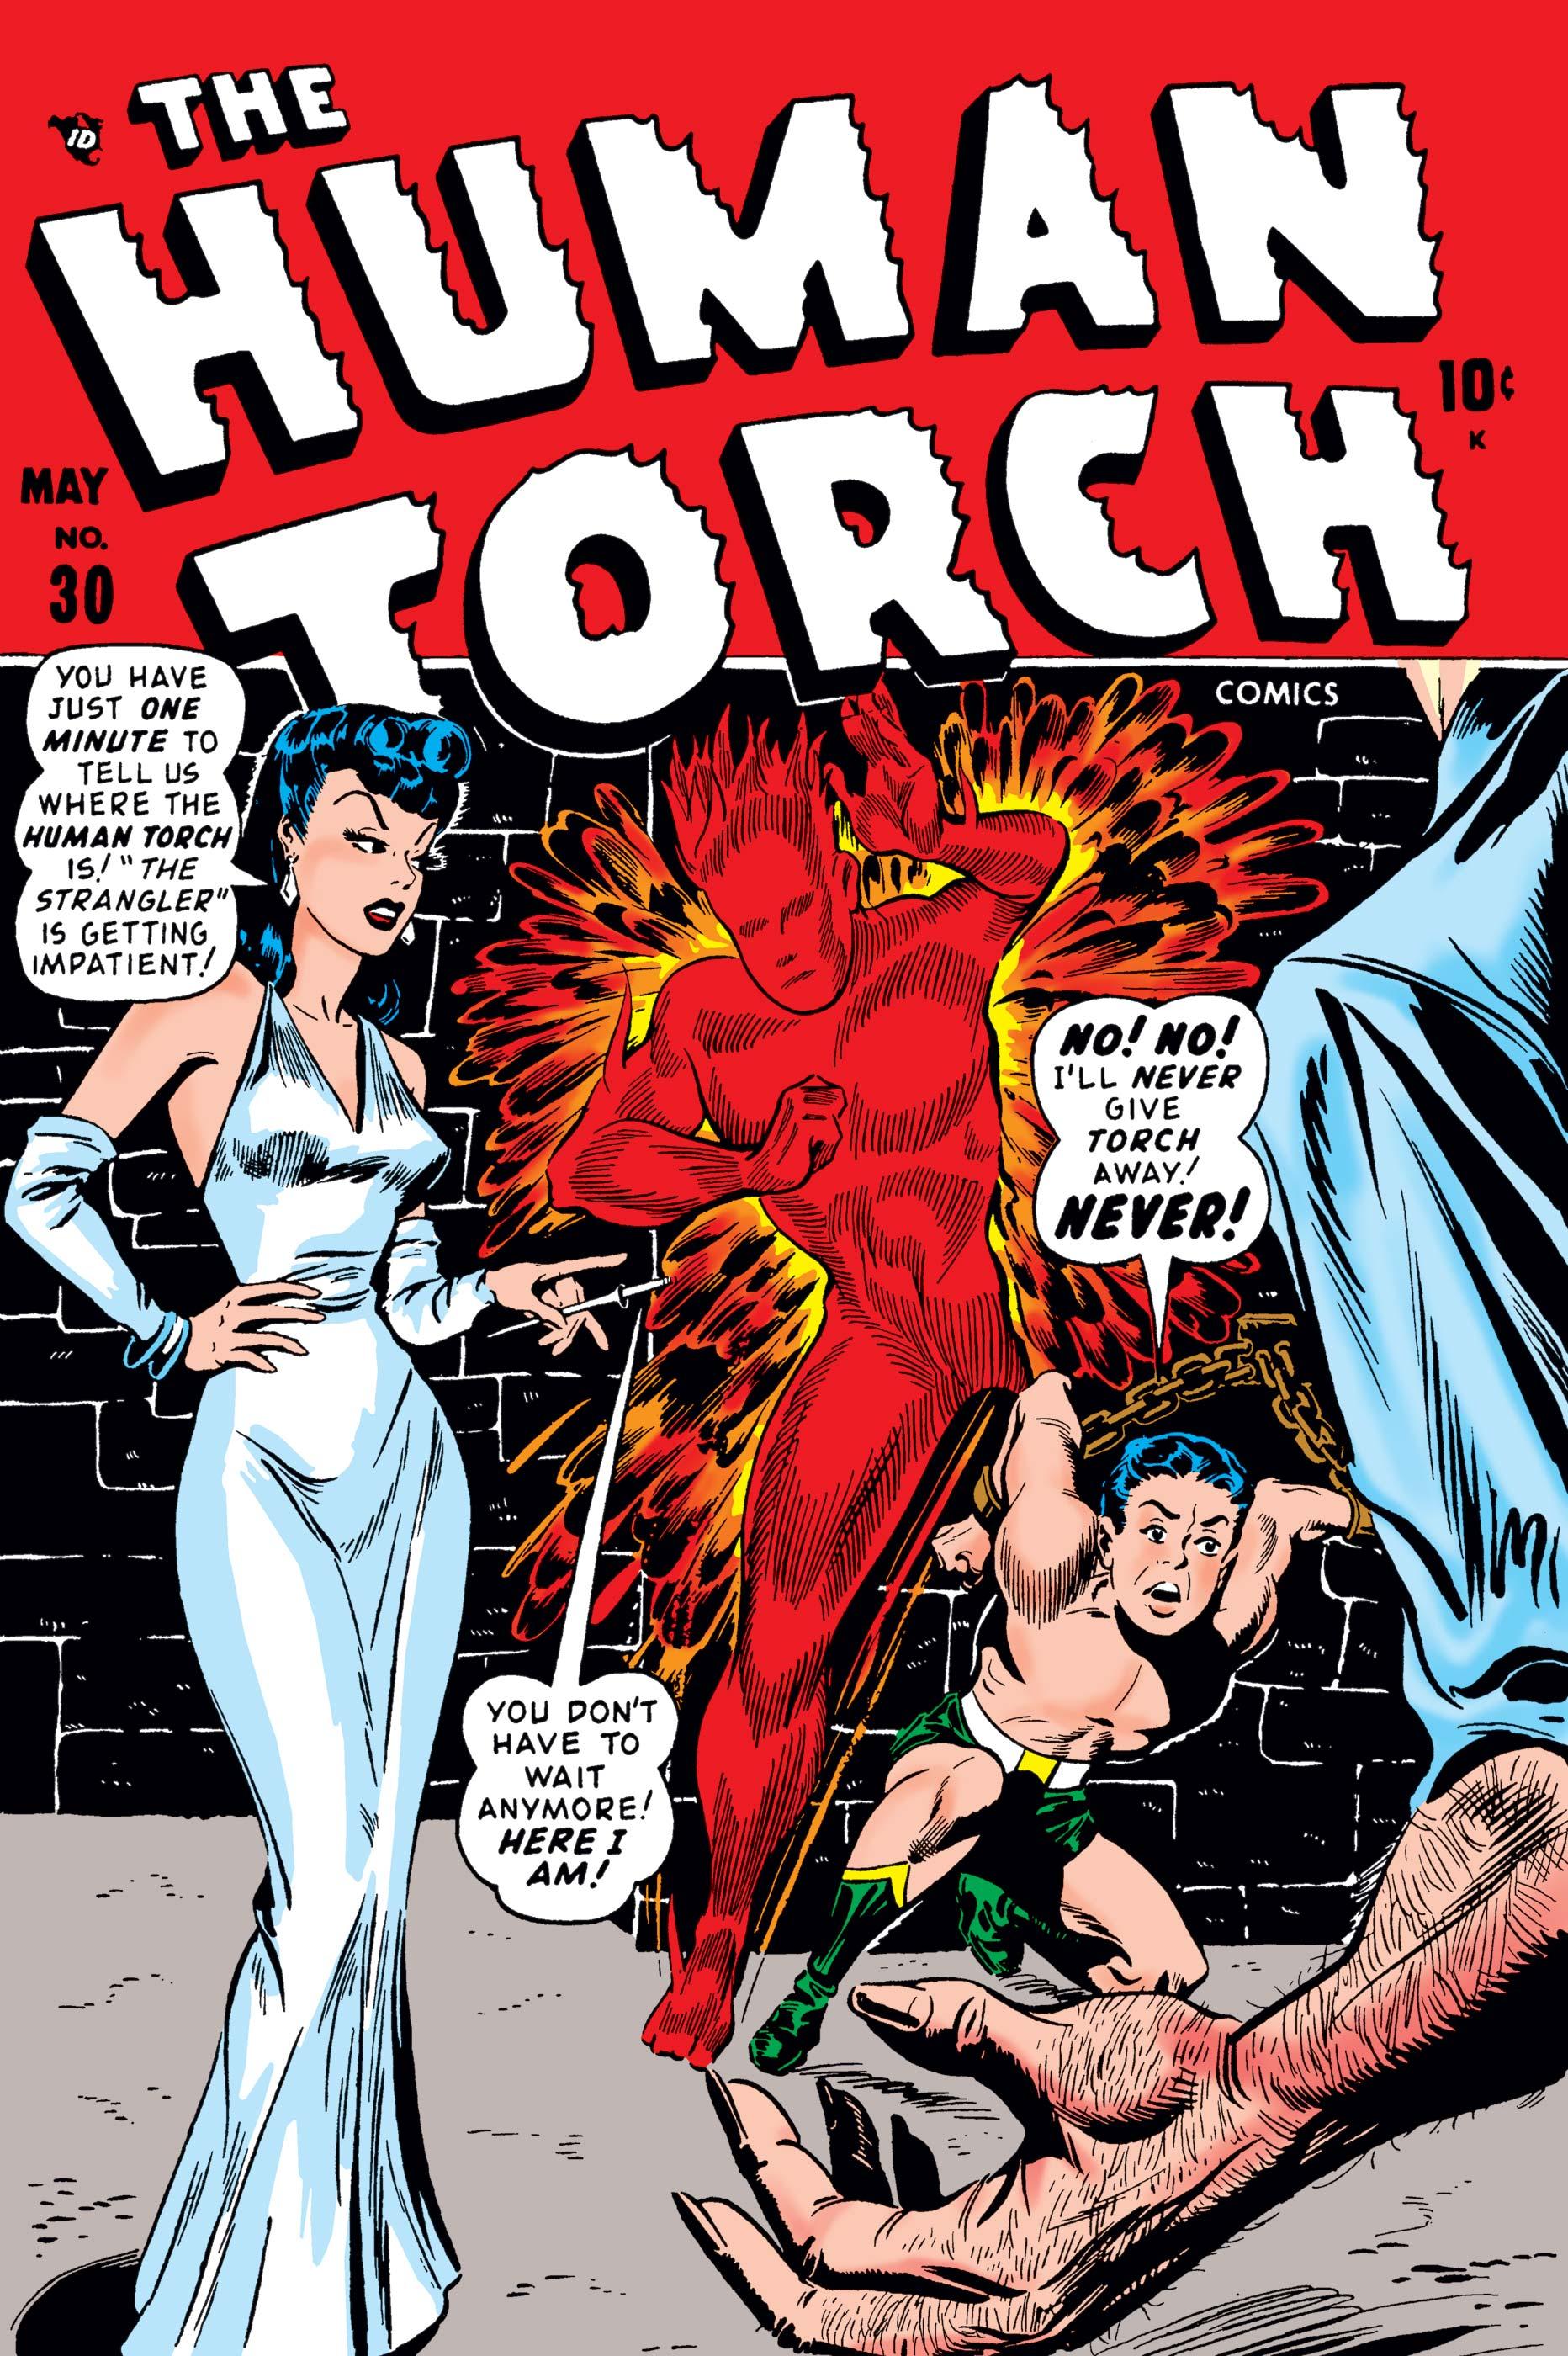 Human Torch Comics (1940) #30